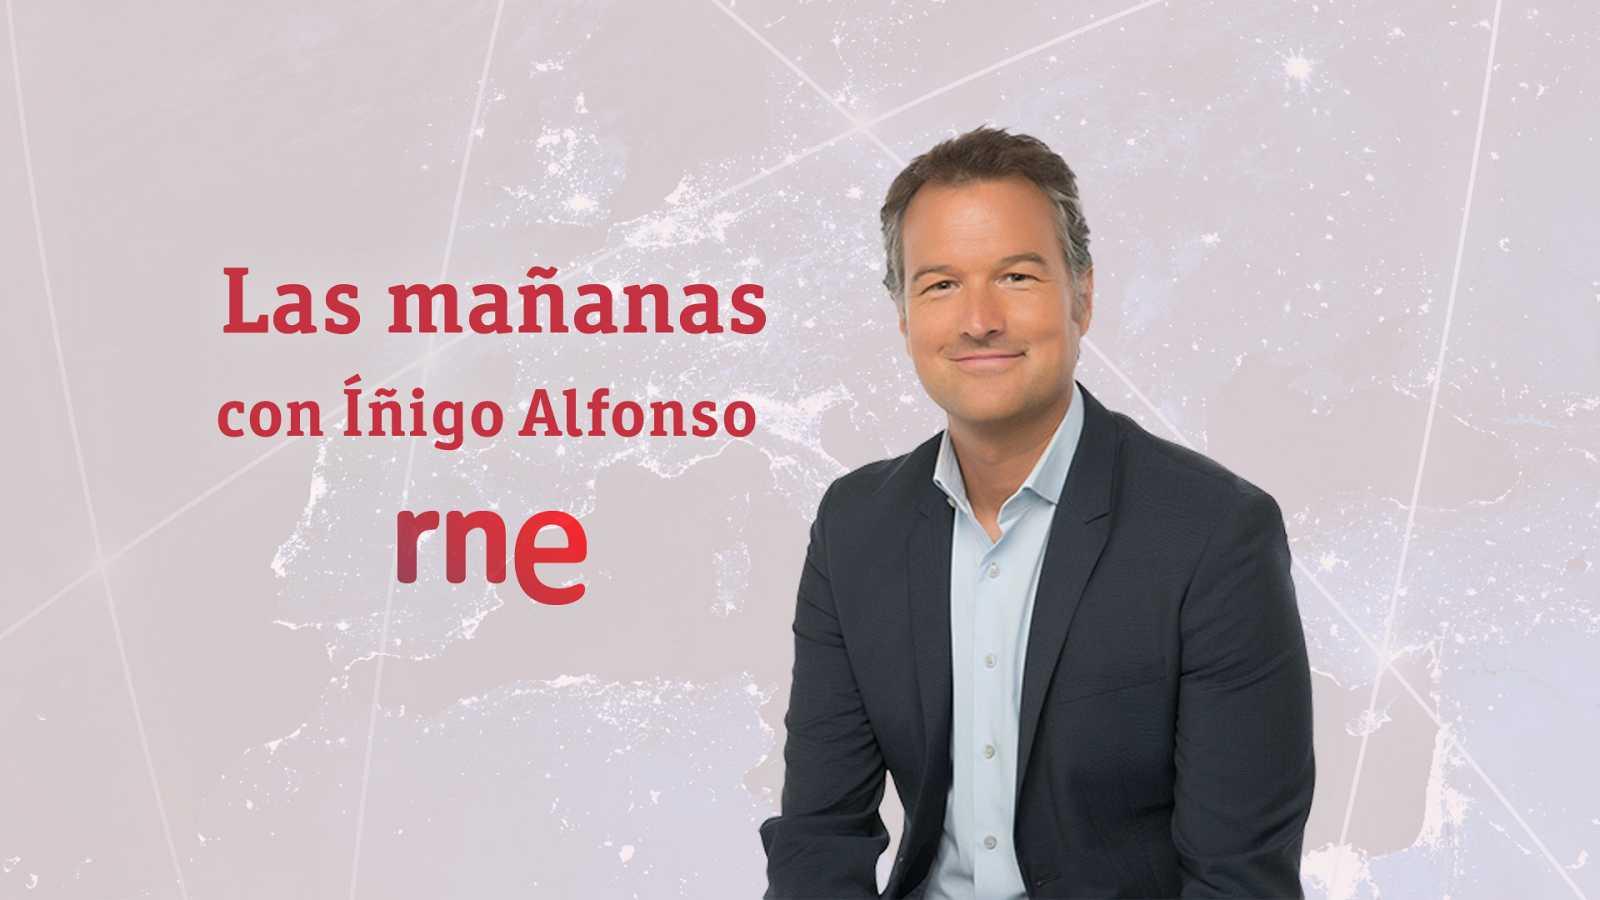 Las mañanas de RNE con Íñigo Alfonso - Primera hora - 26/02/21 - escuchar ahora